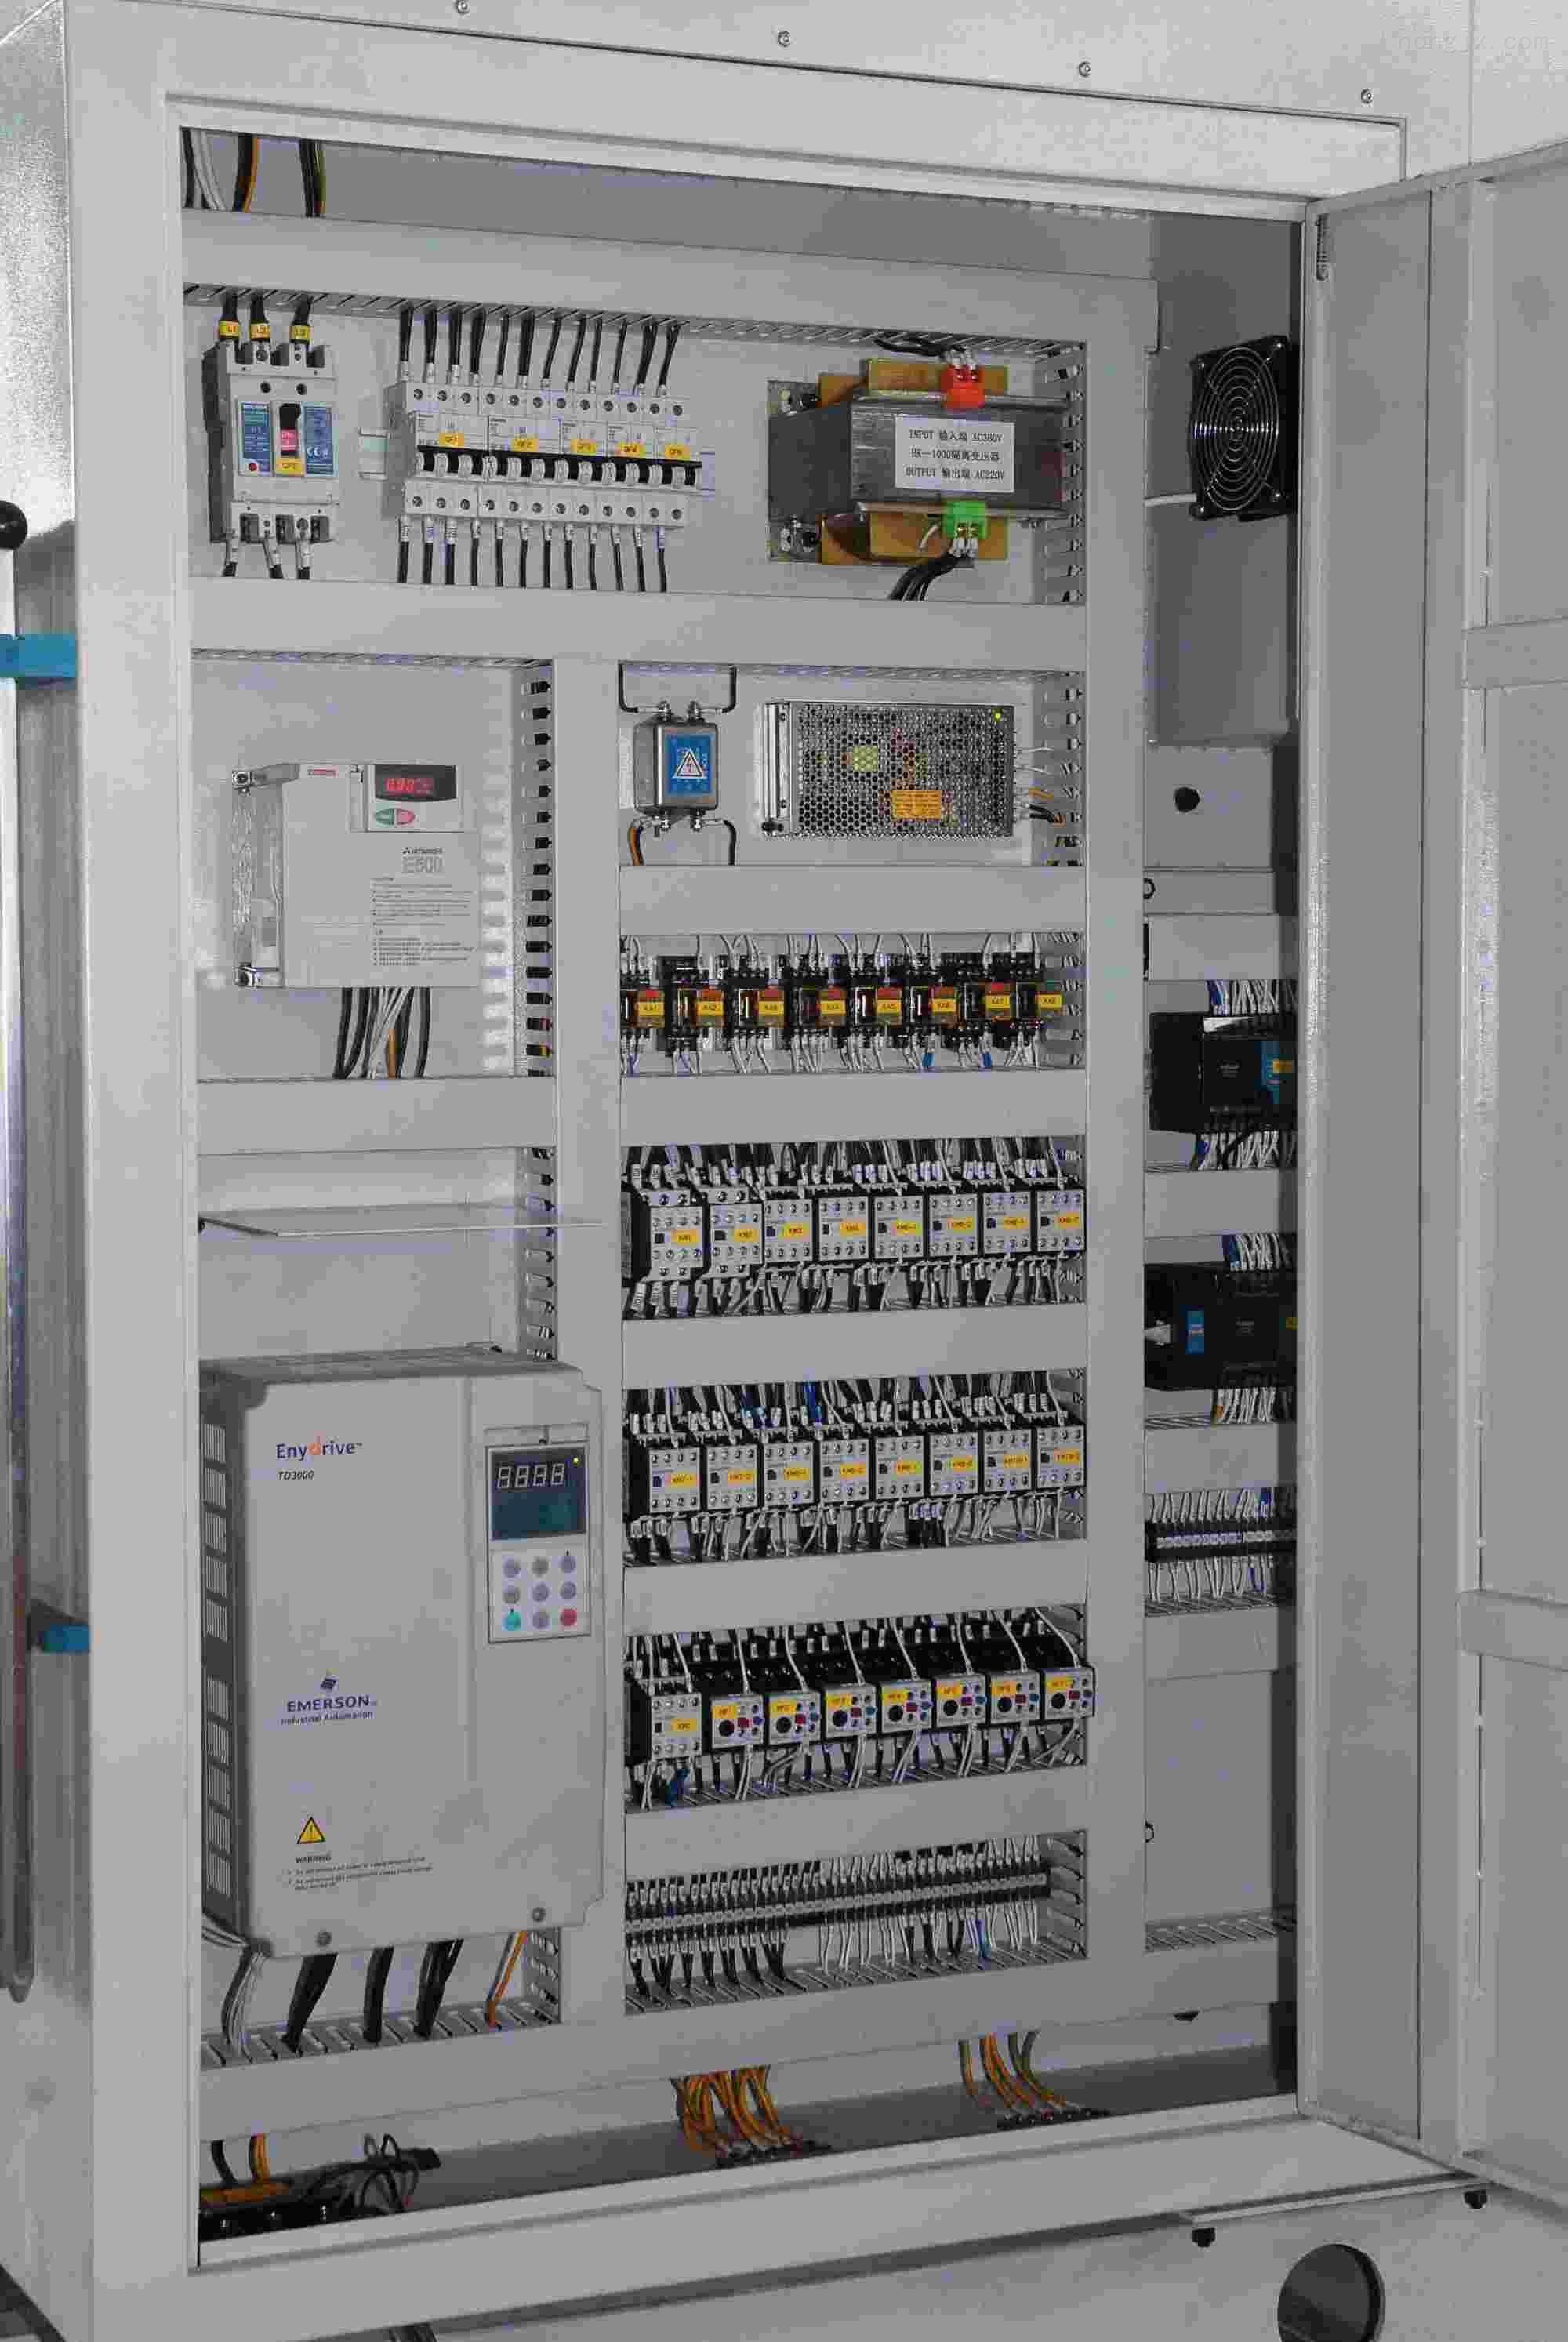 供应变频器控制柜津泰华自己研发生产